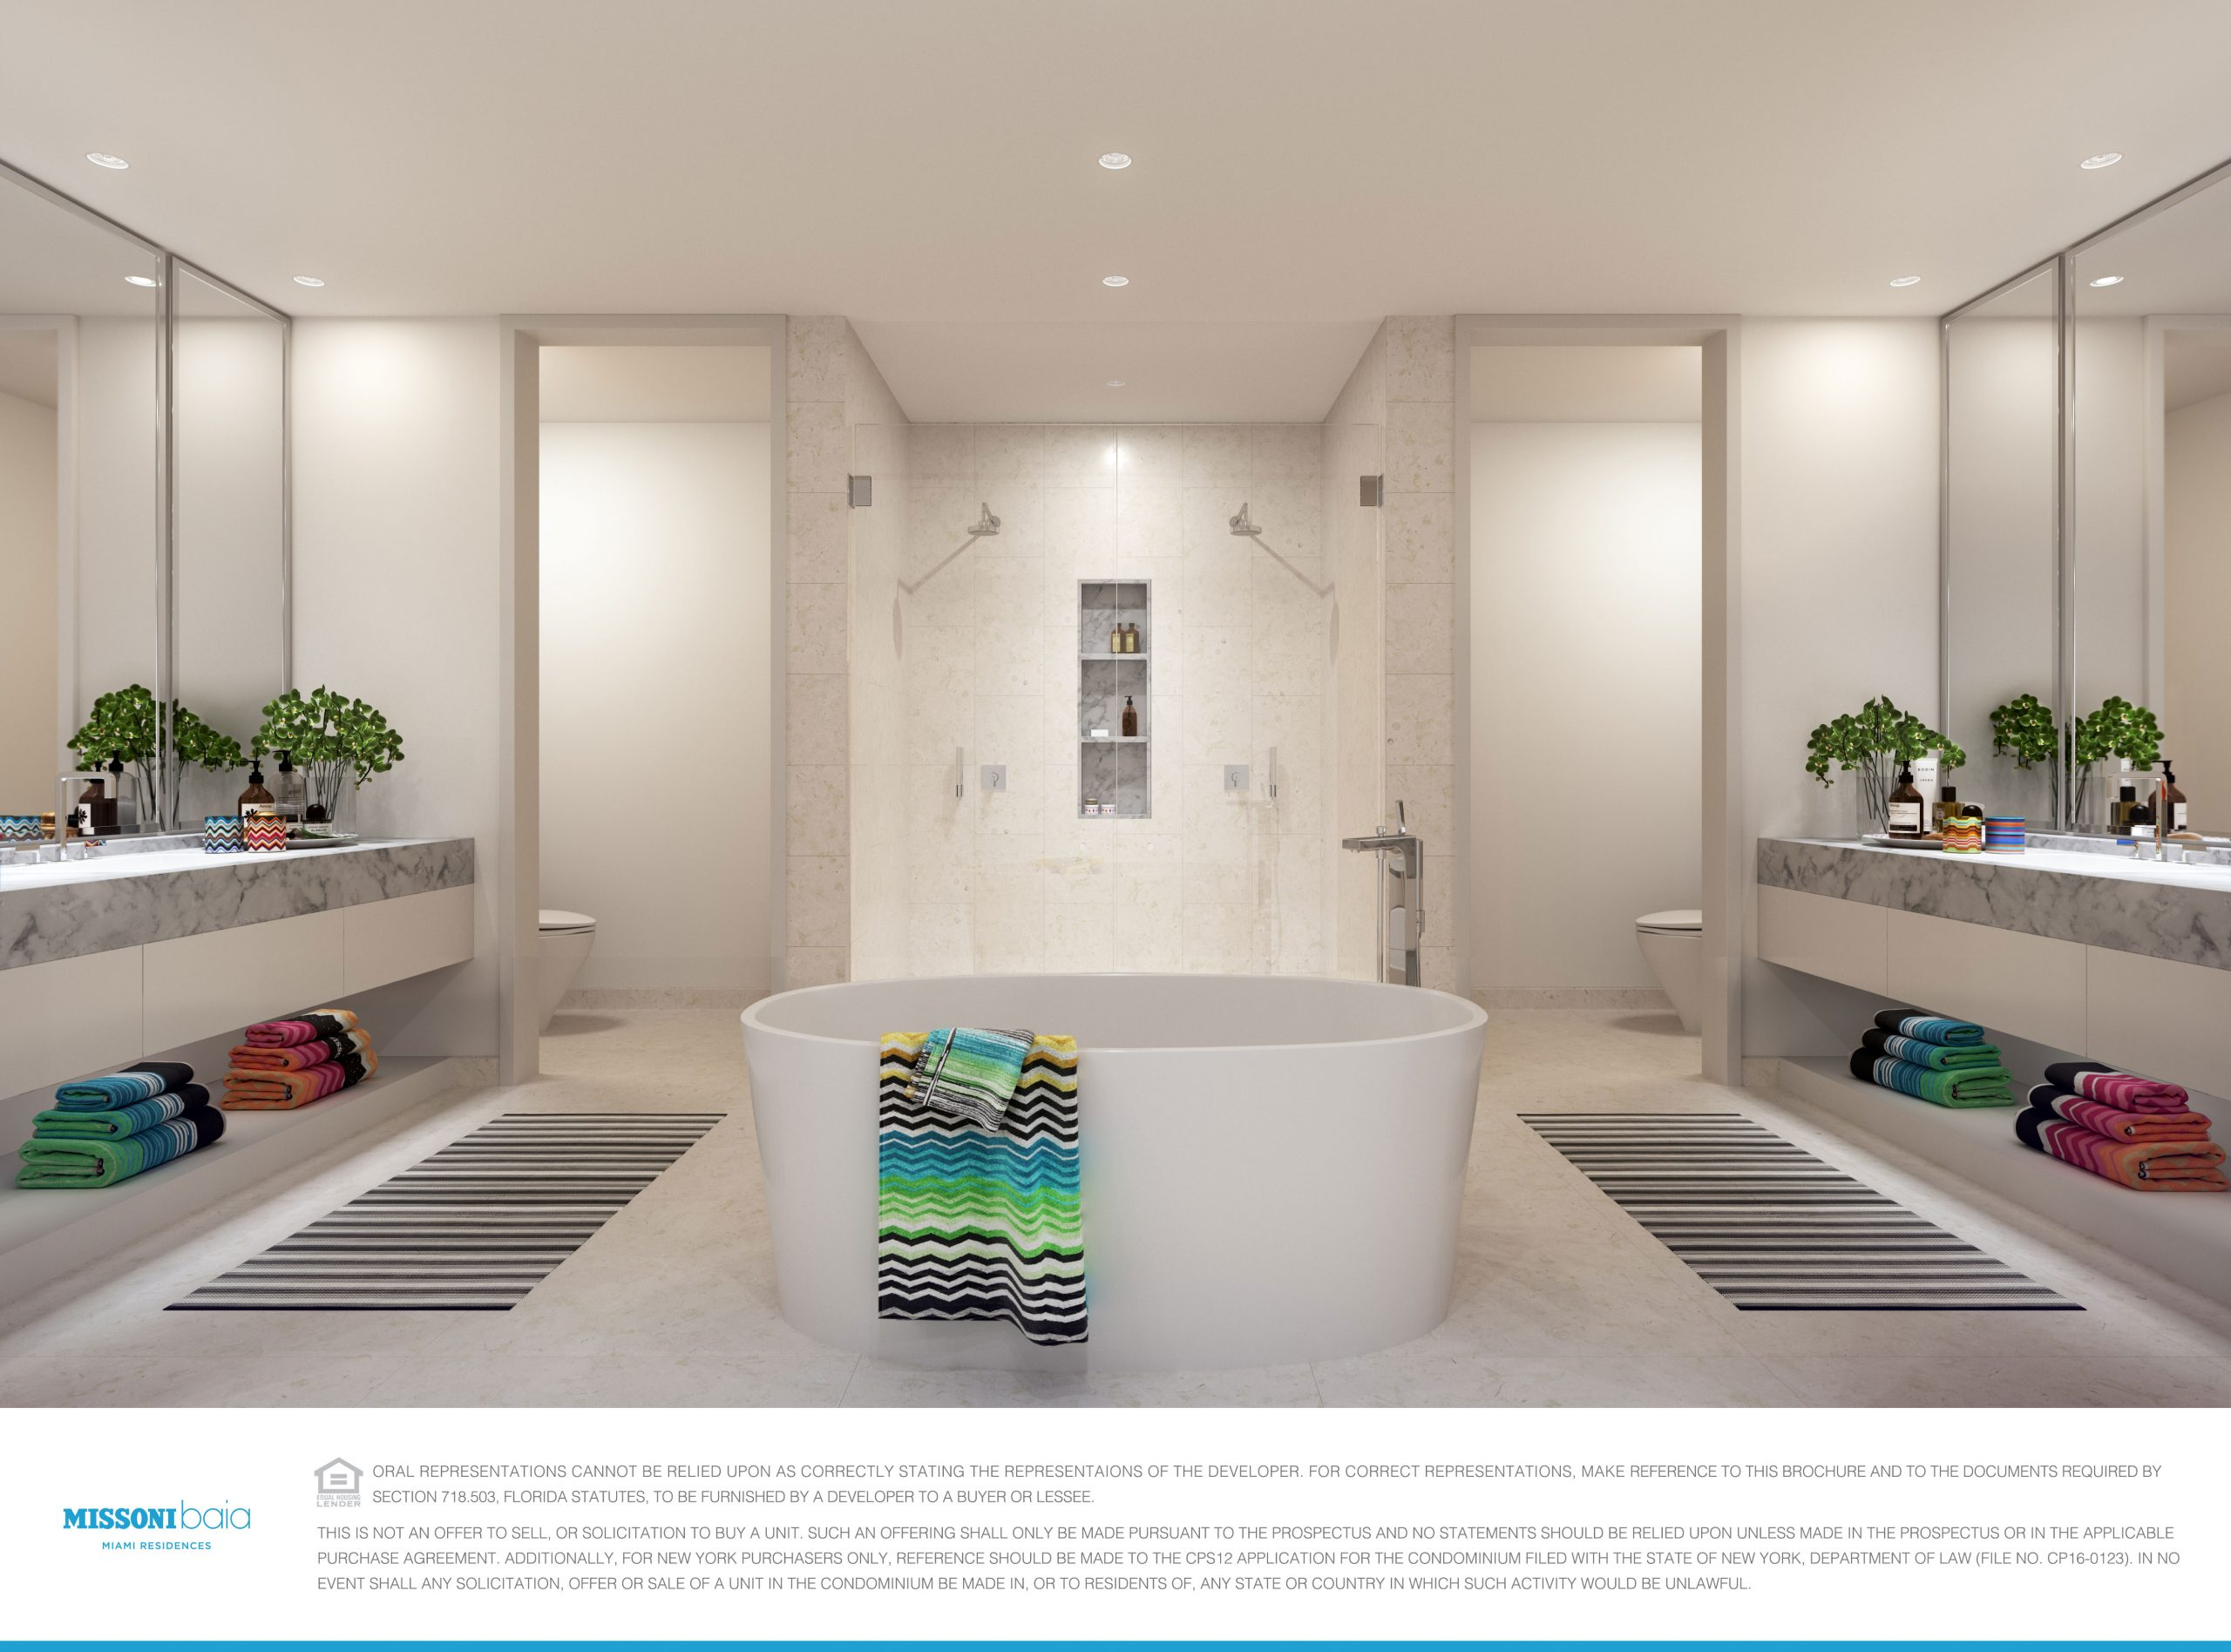 Master Bathroom at the Missoni Bai in Miami.